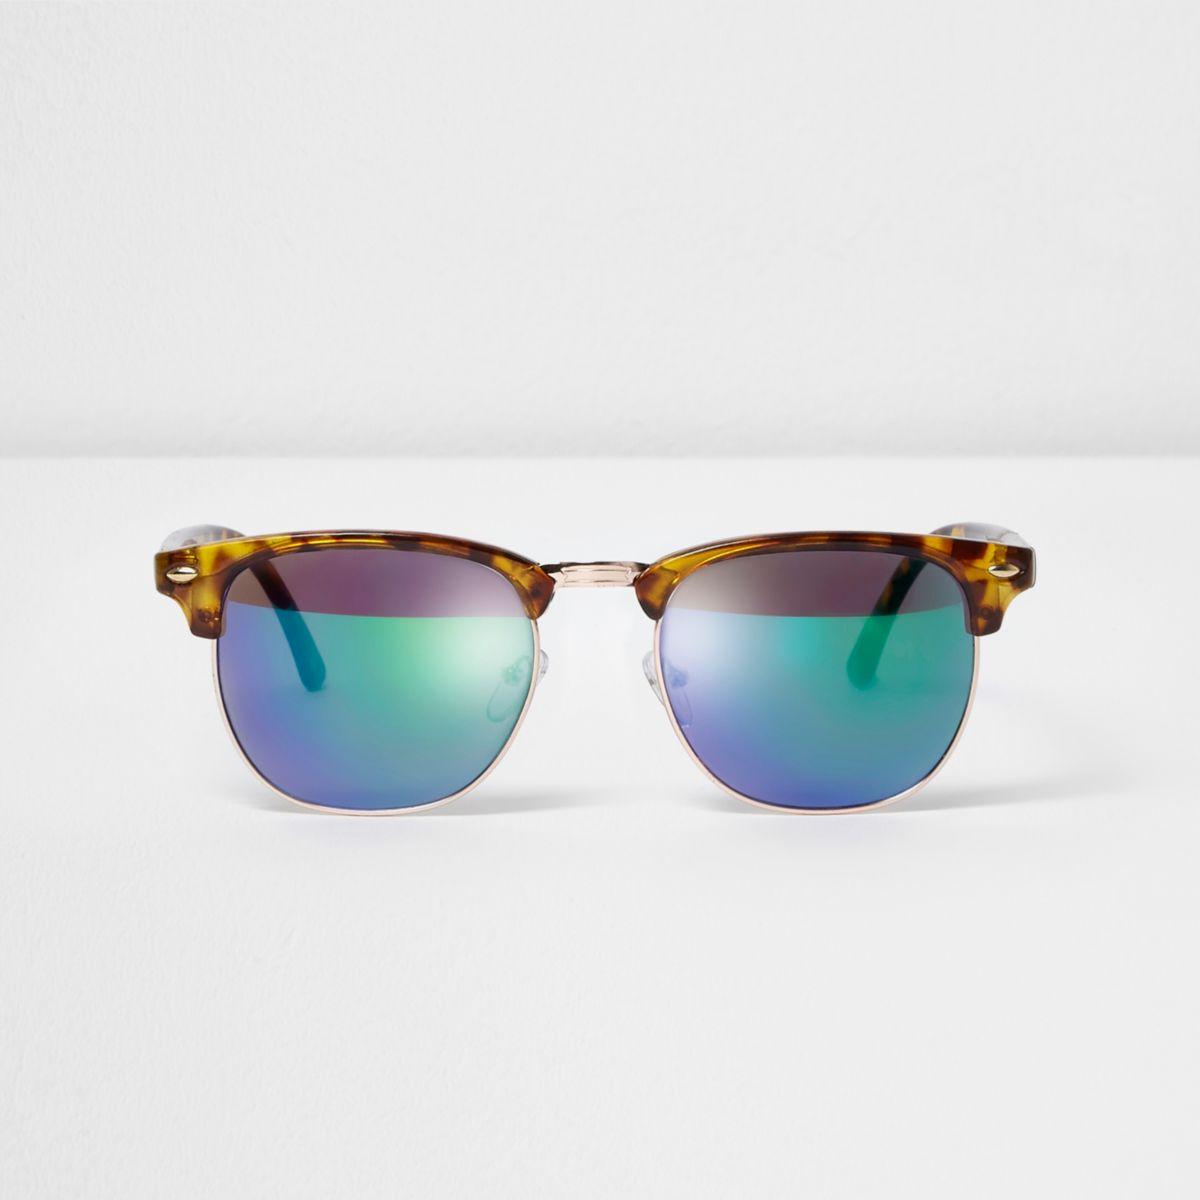 Lunettes de soleil rétro écaille de tortue marron